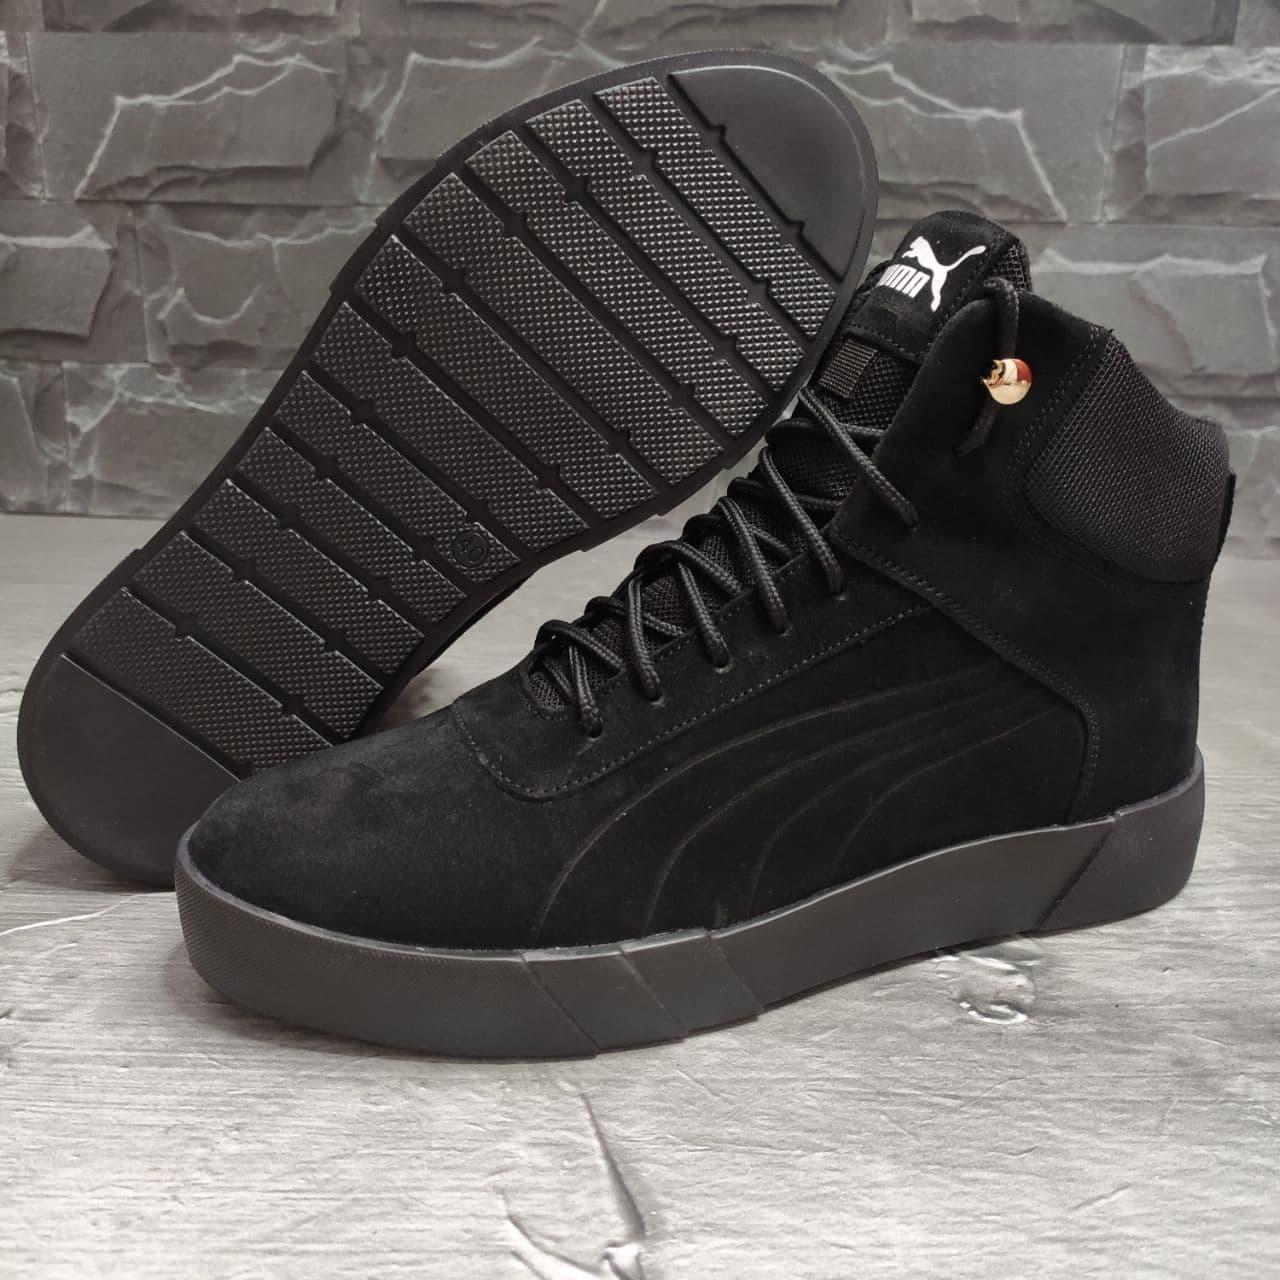 Мужские зимние ботинки Puma OS169 черные